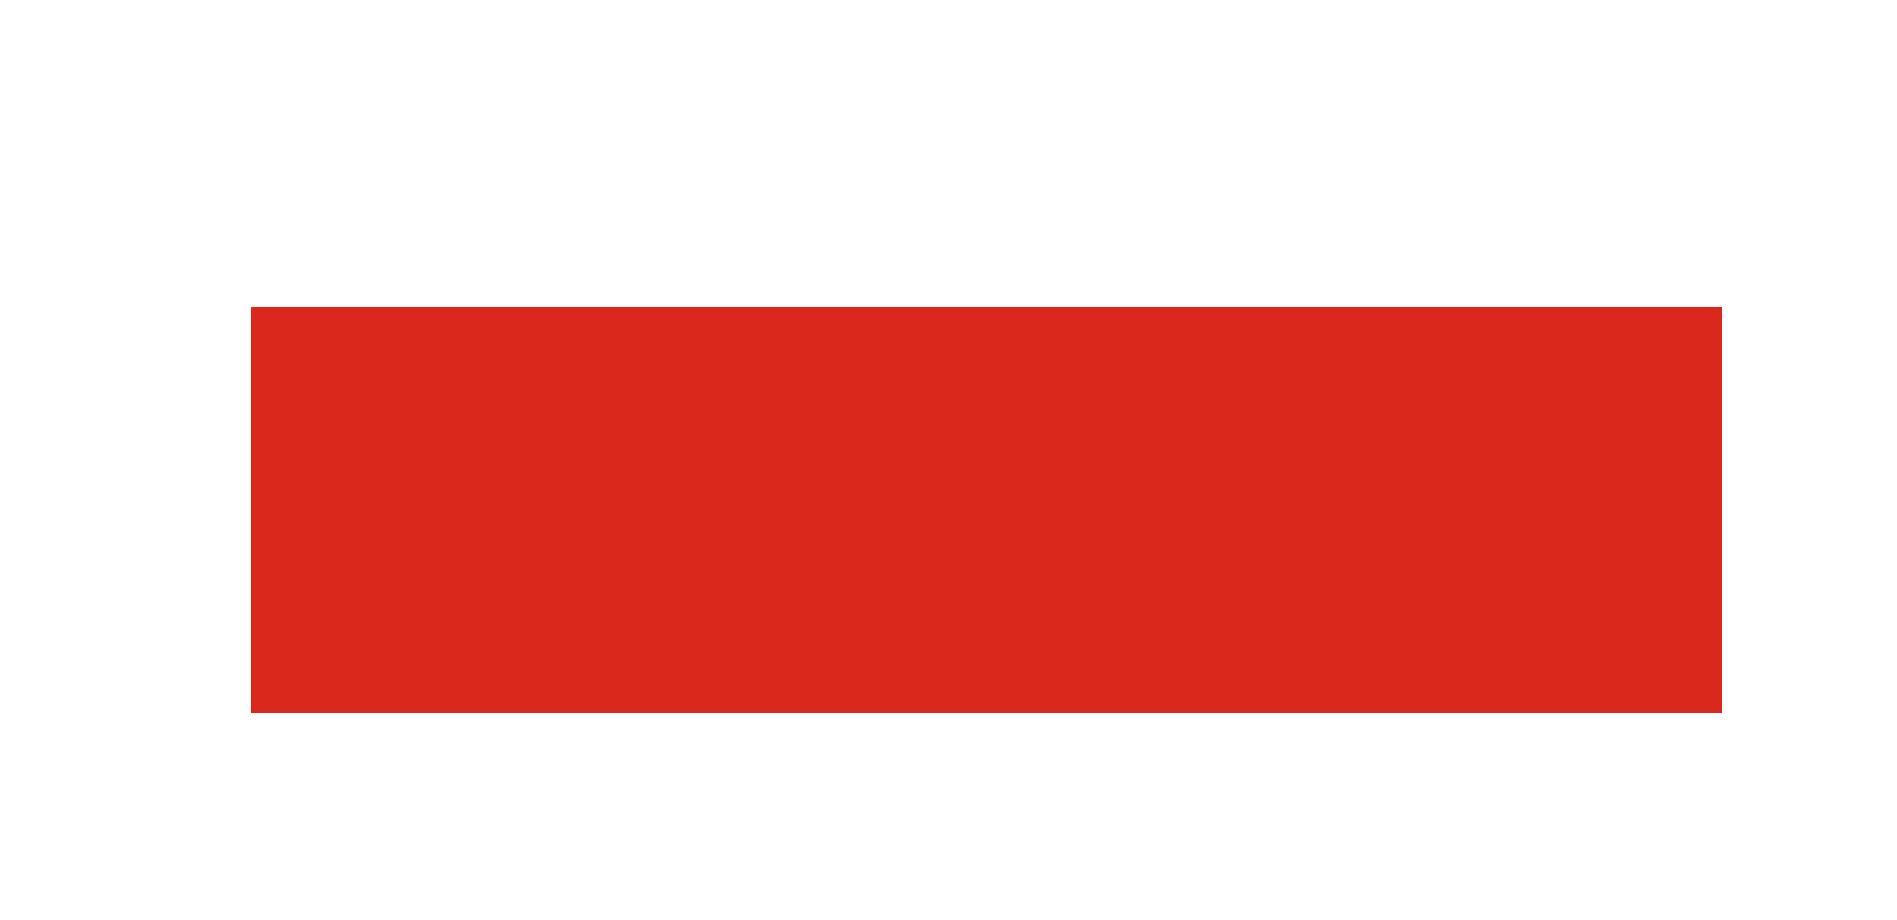 https://www.lightspeedhq.com.au/wp-content/uploads/2017/05/Cayan_Logo.png